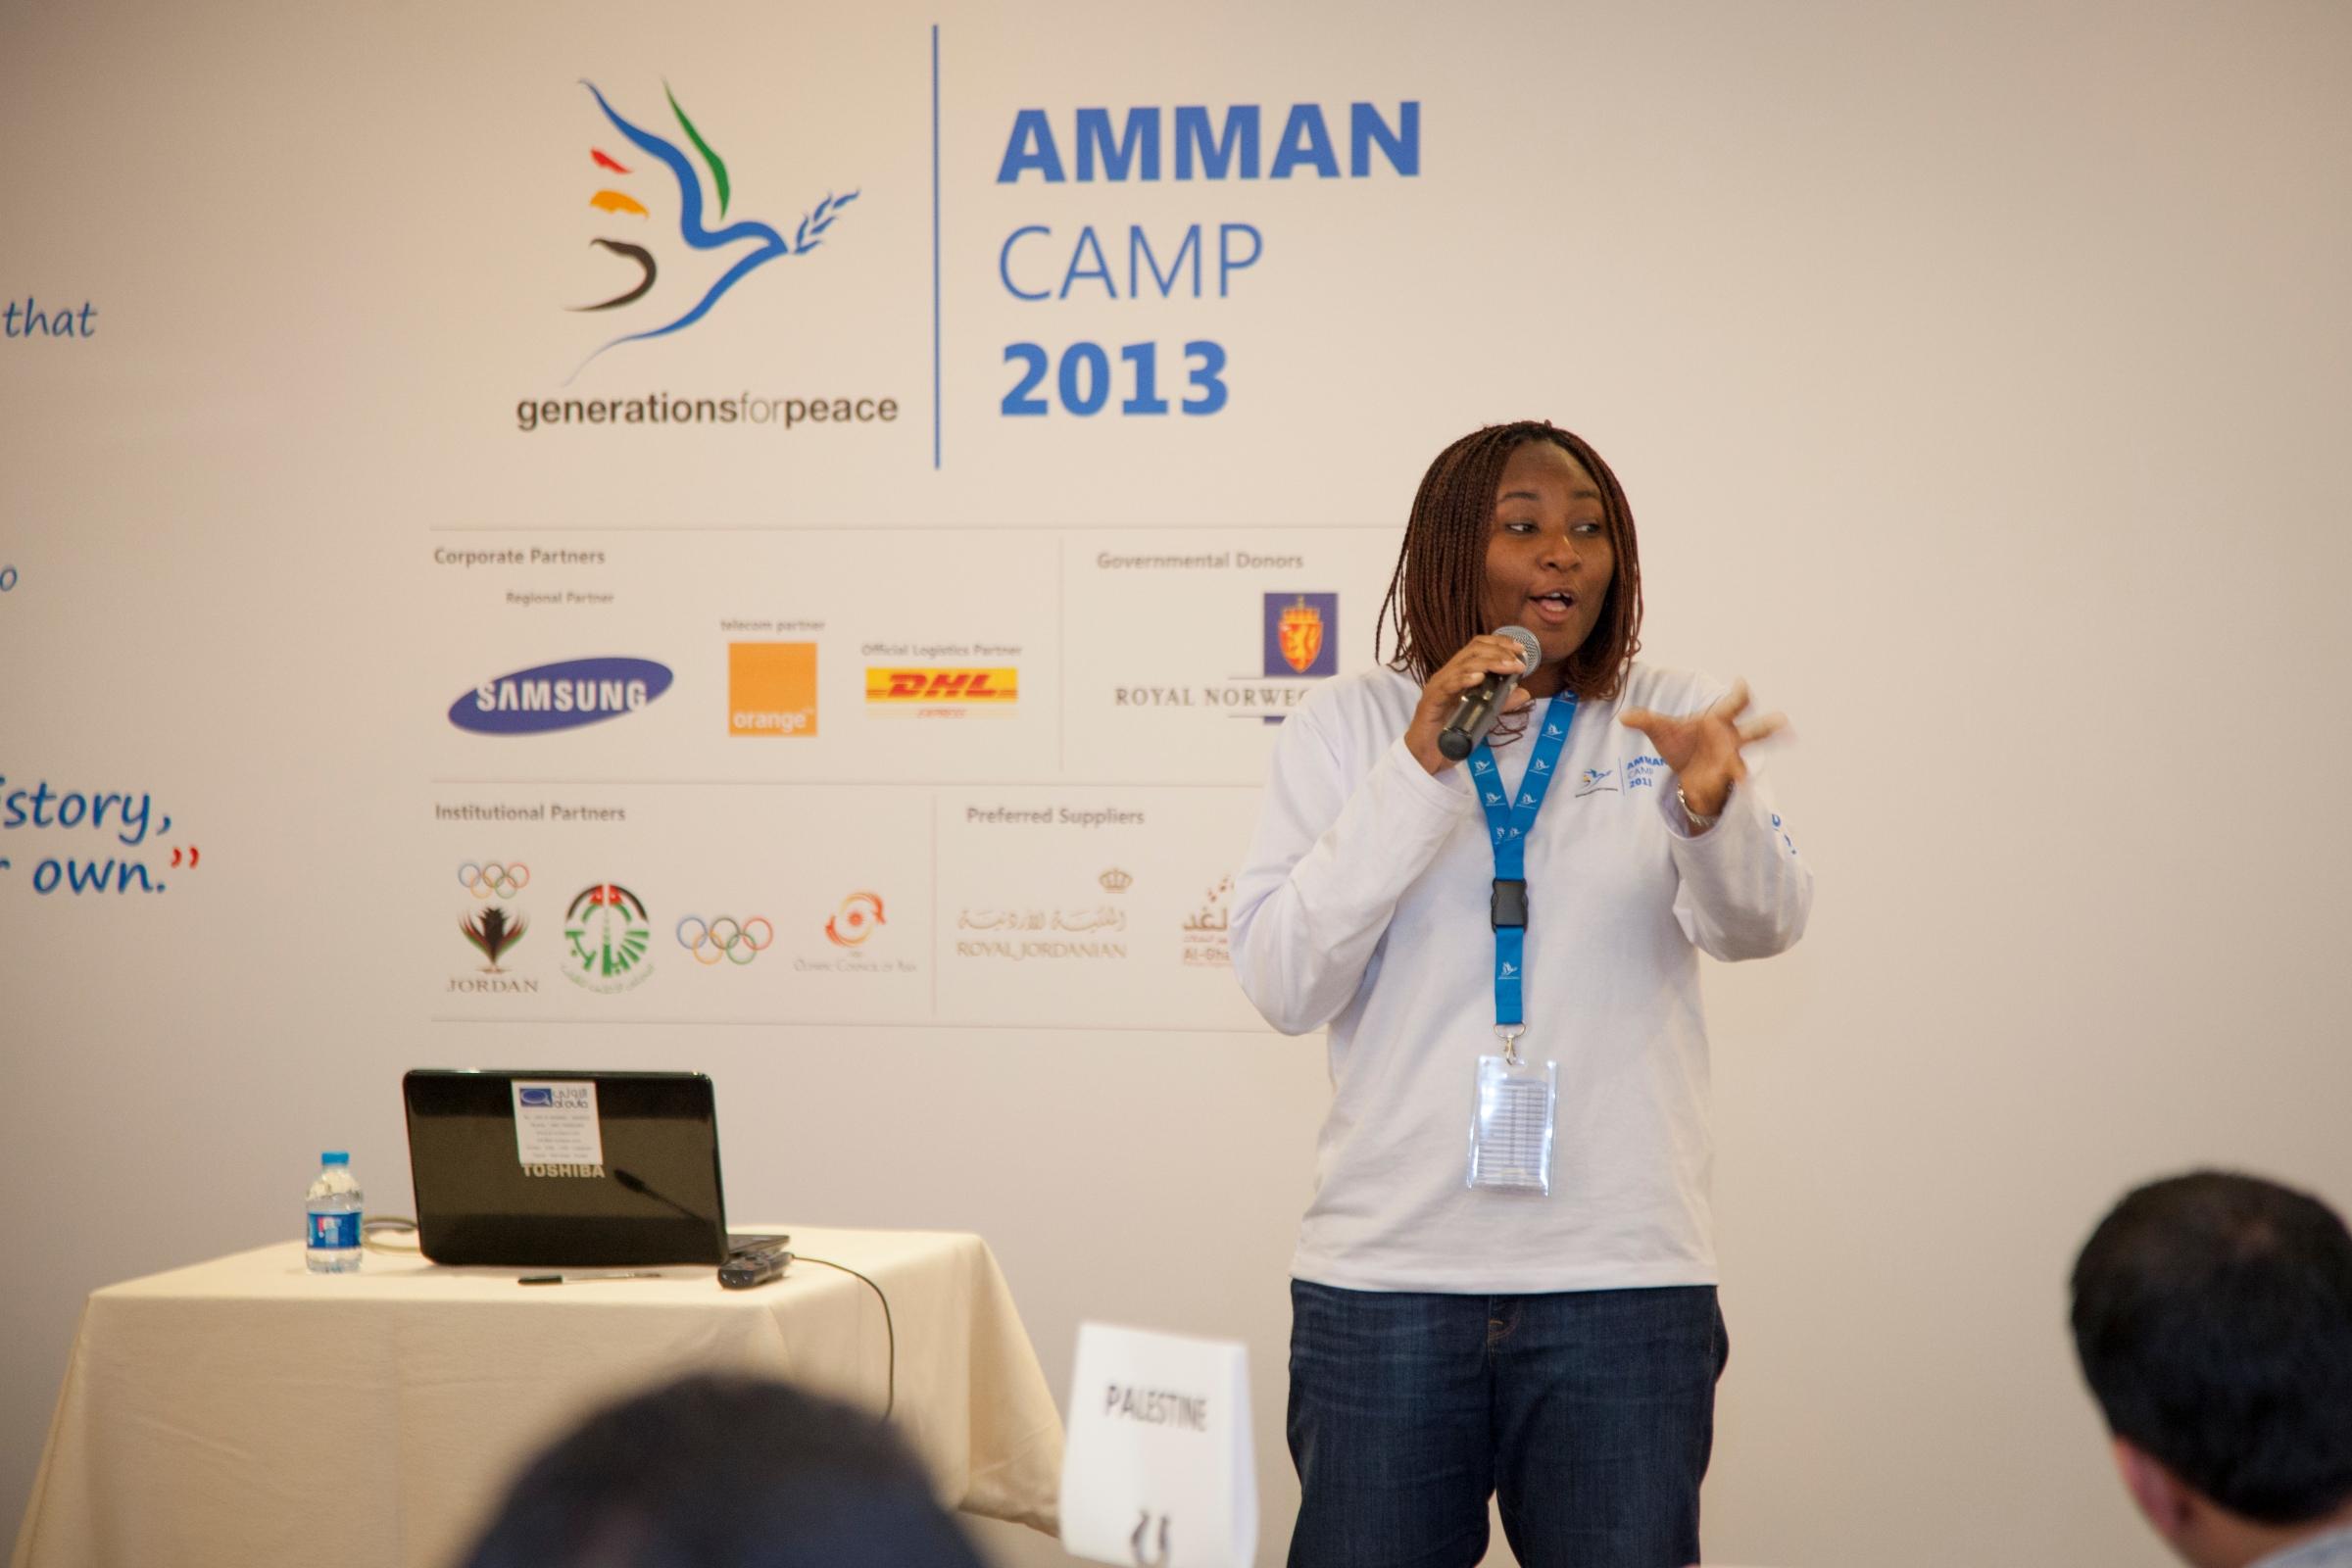 Safiya, Amman Camp 2013